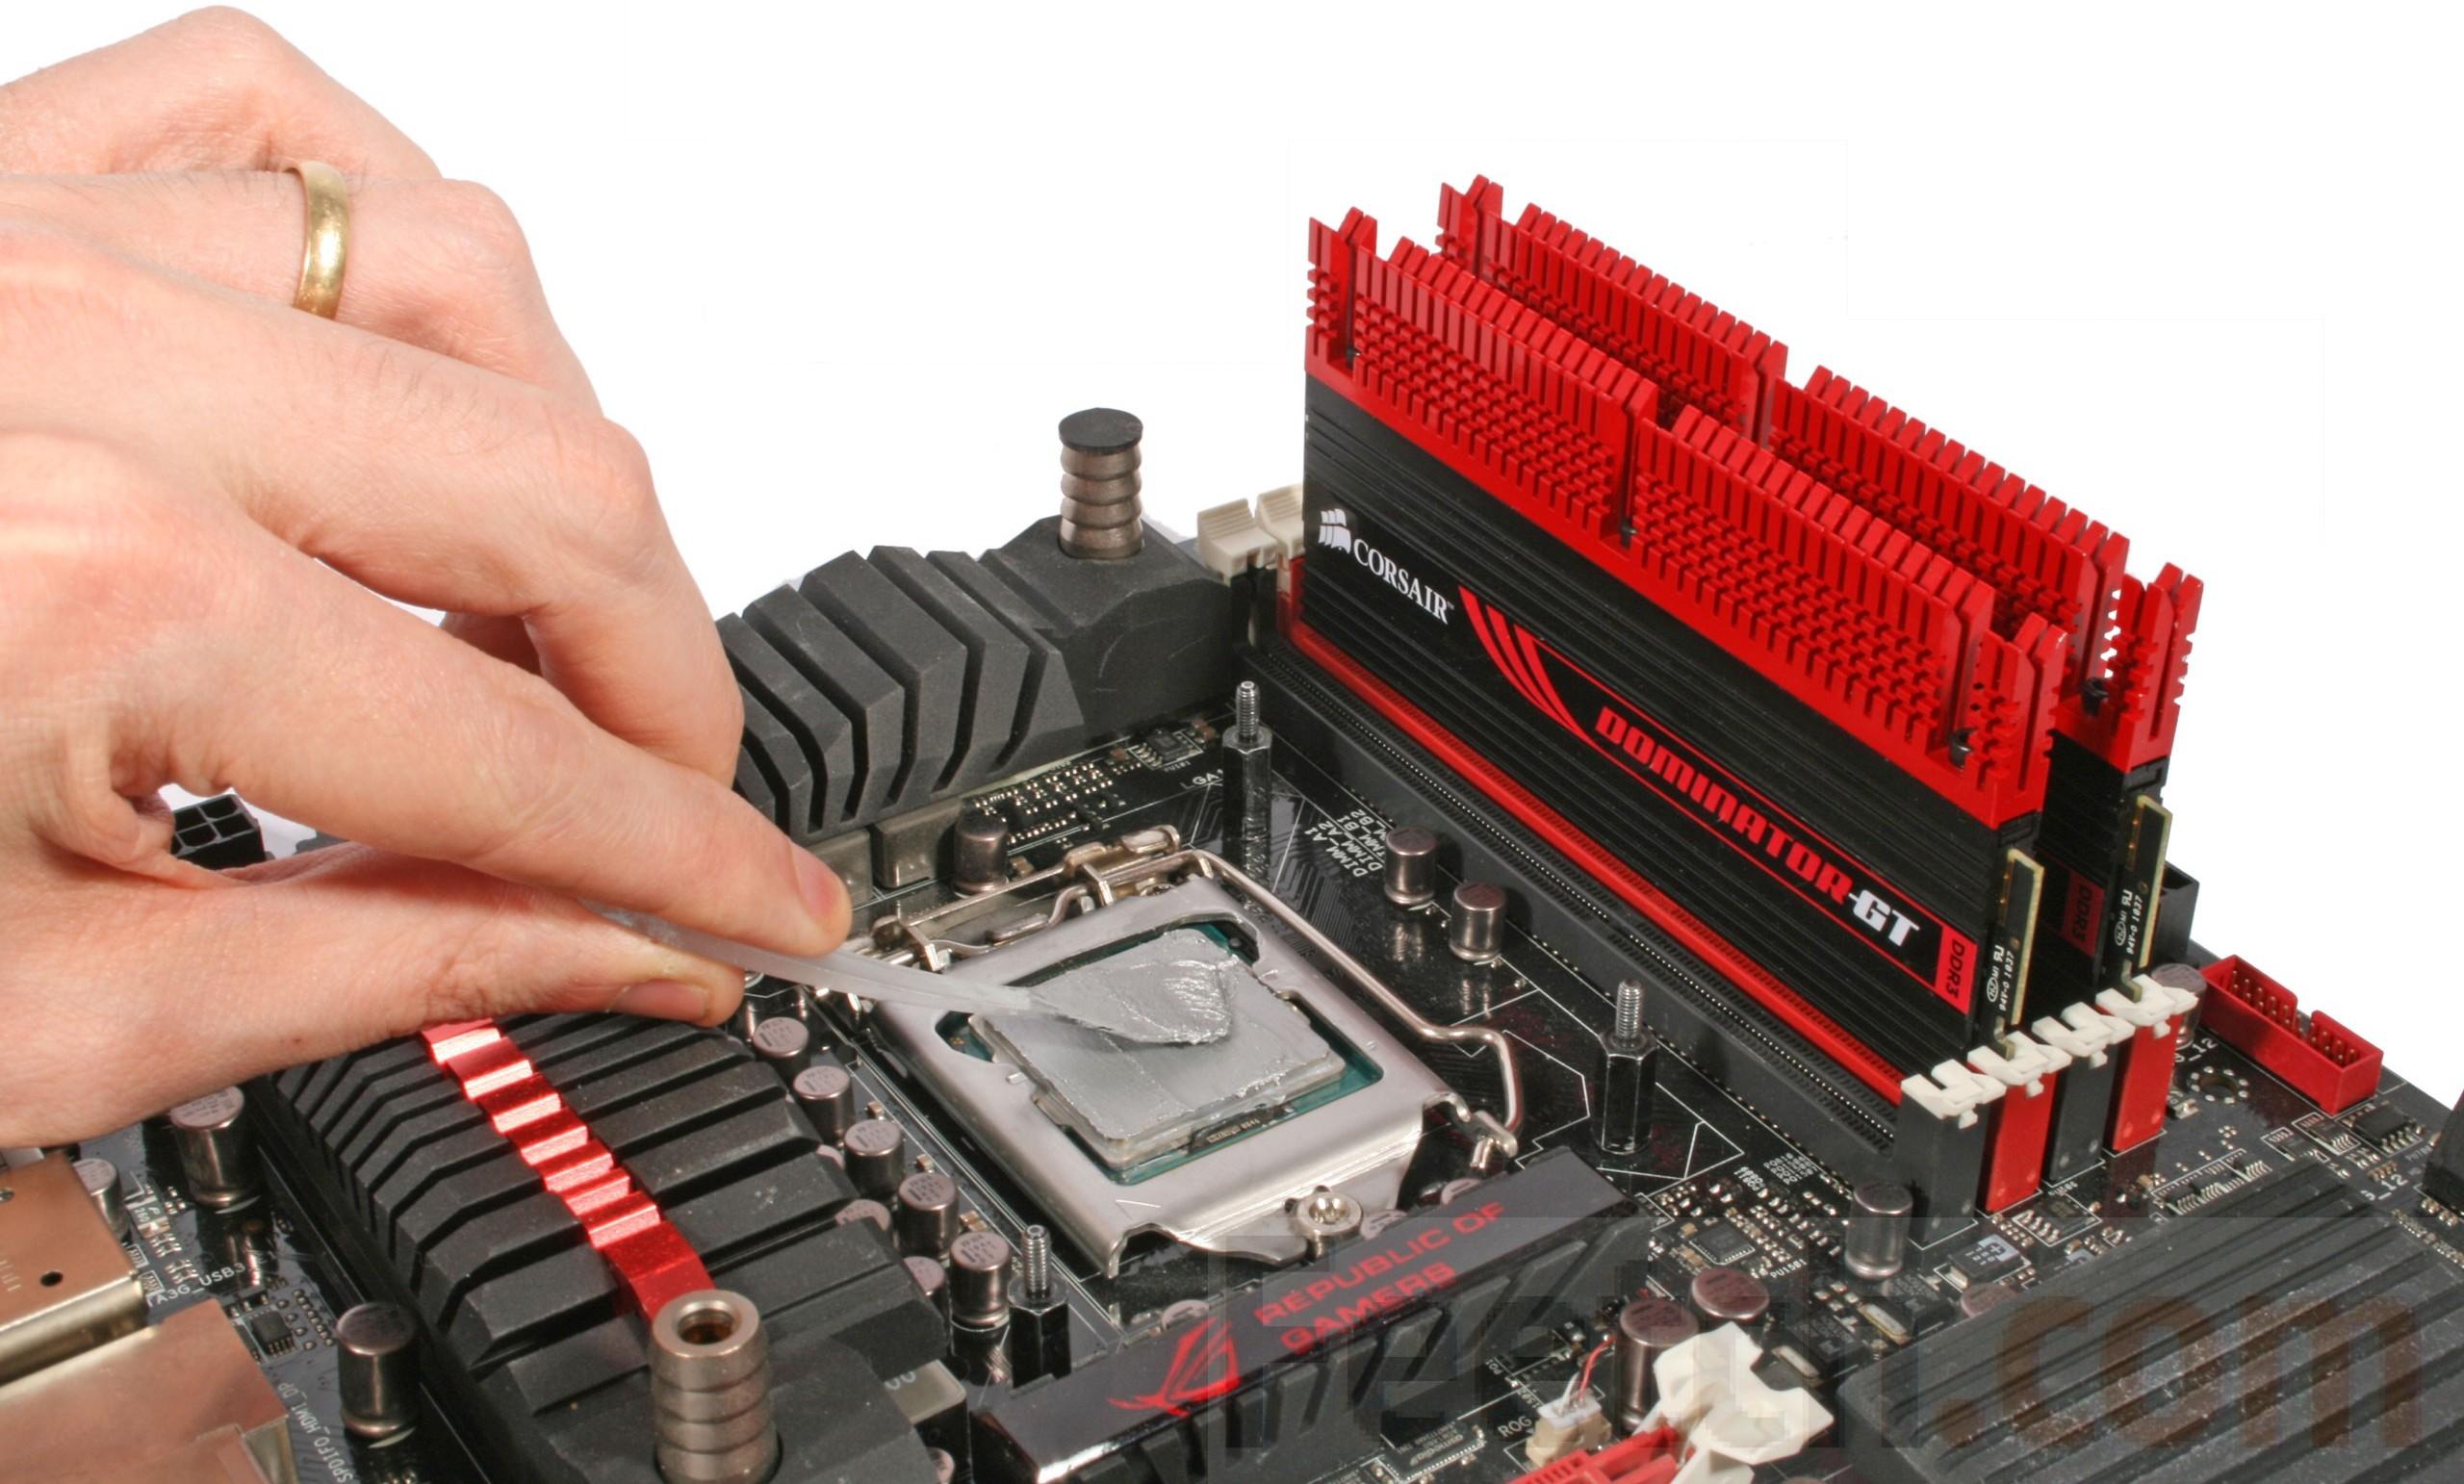 нанесение термопасты на процессор пк инструкция